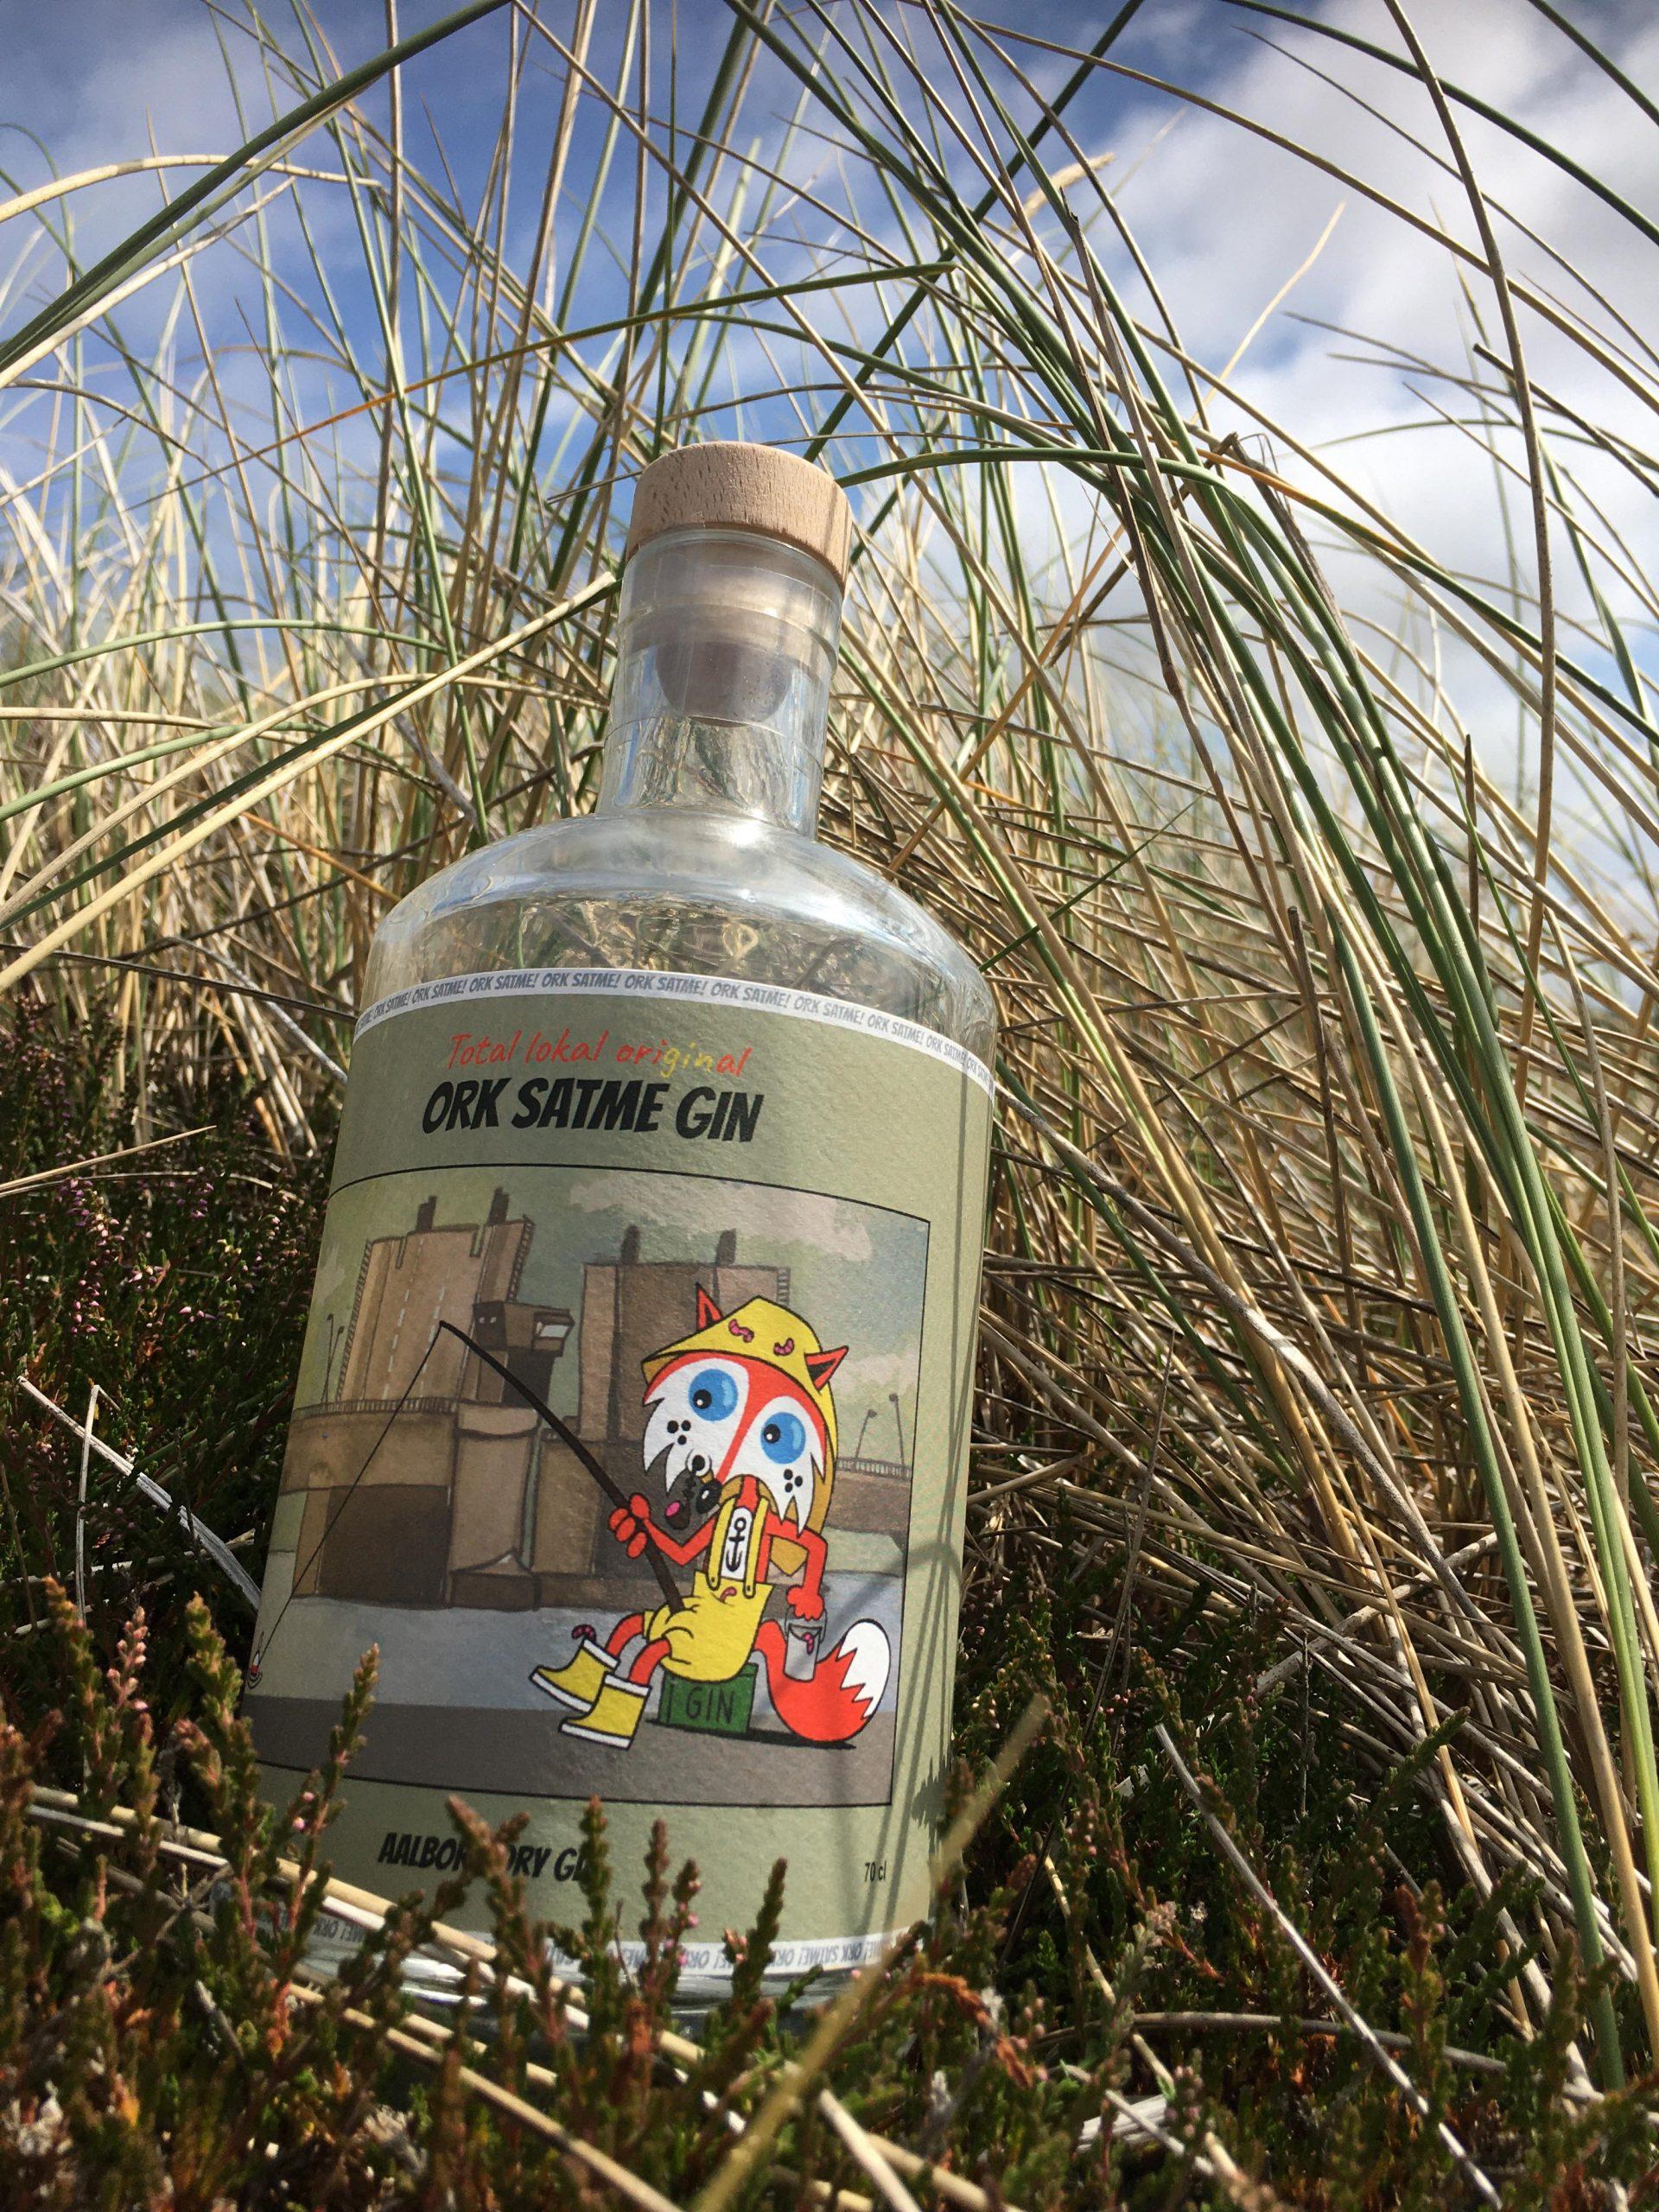 Hefty nyhed: Nu kan du købe en ORK SATME-gin i Aalborg